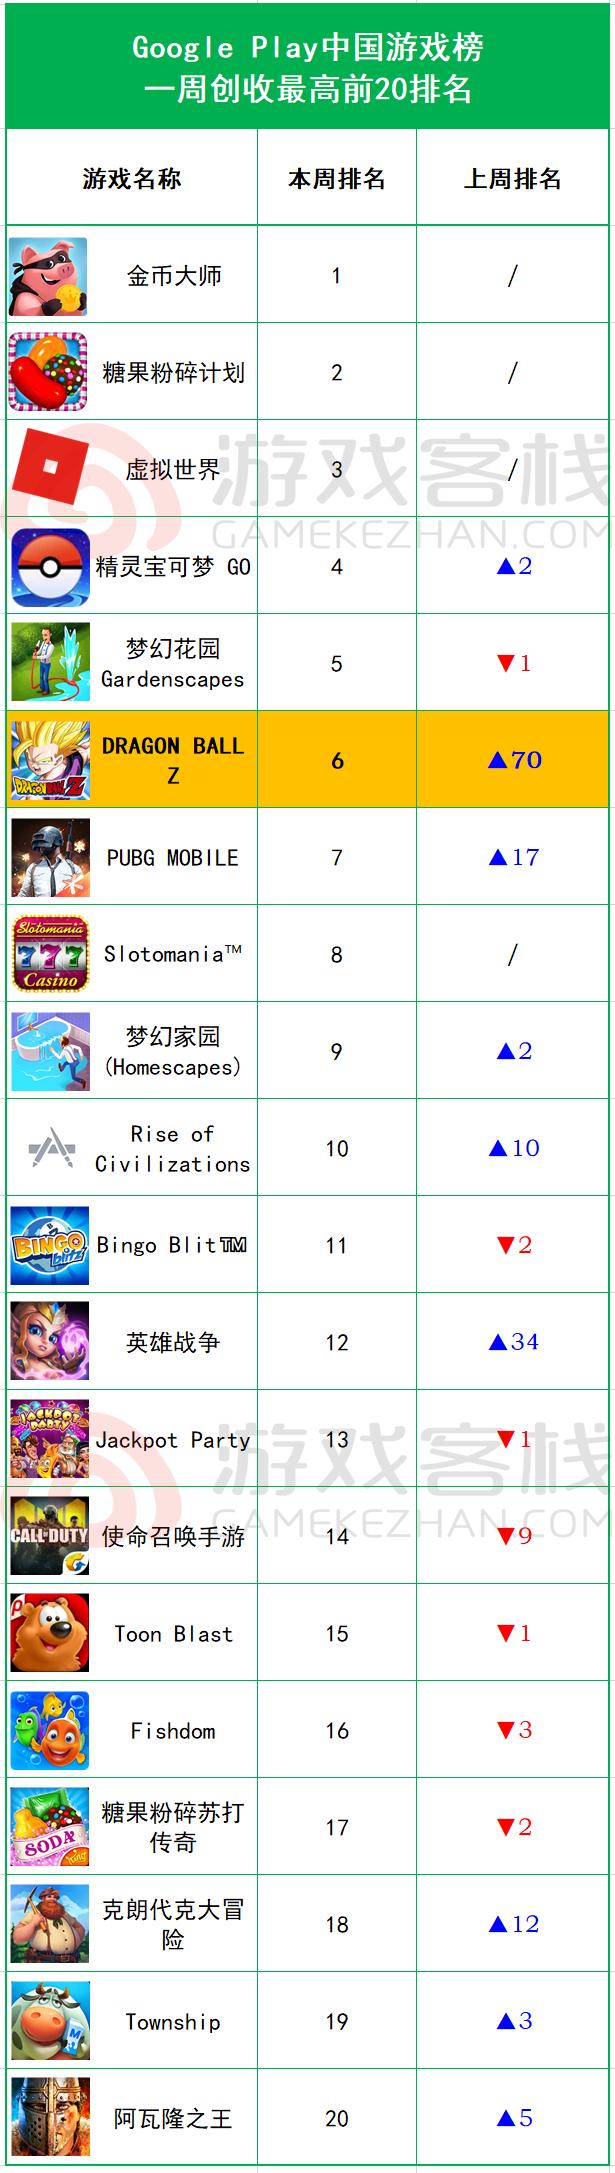 全球畅销榜周报:国服明日方舟一周年iOS周收入近200万美元、美区Supercell荒野乱斗再次耀眼6.png